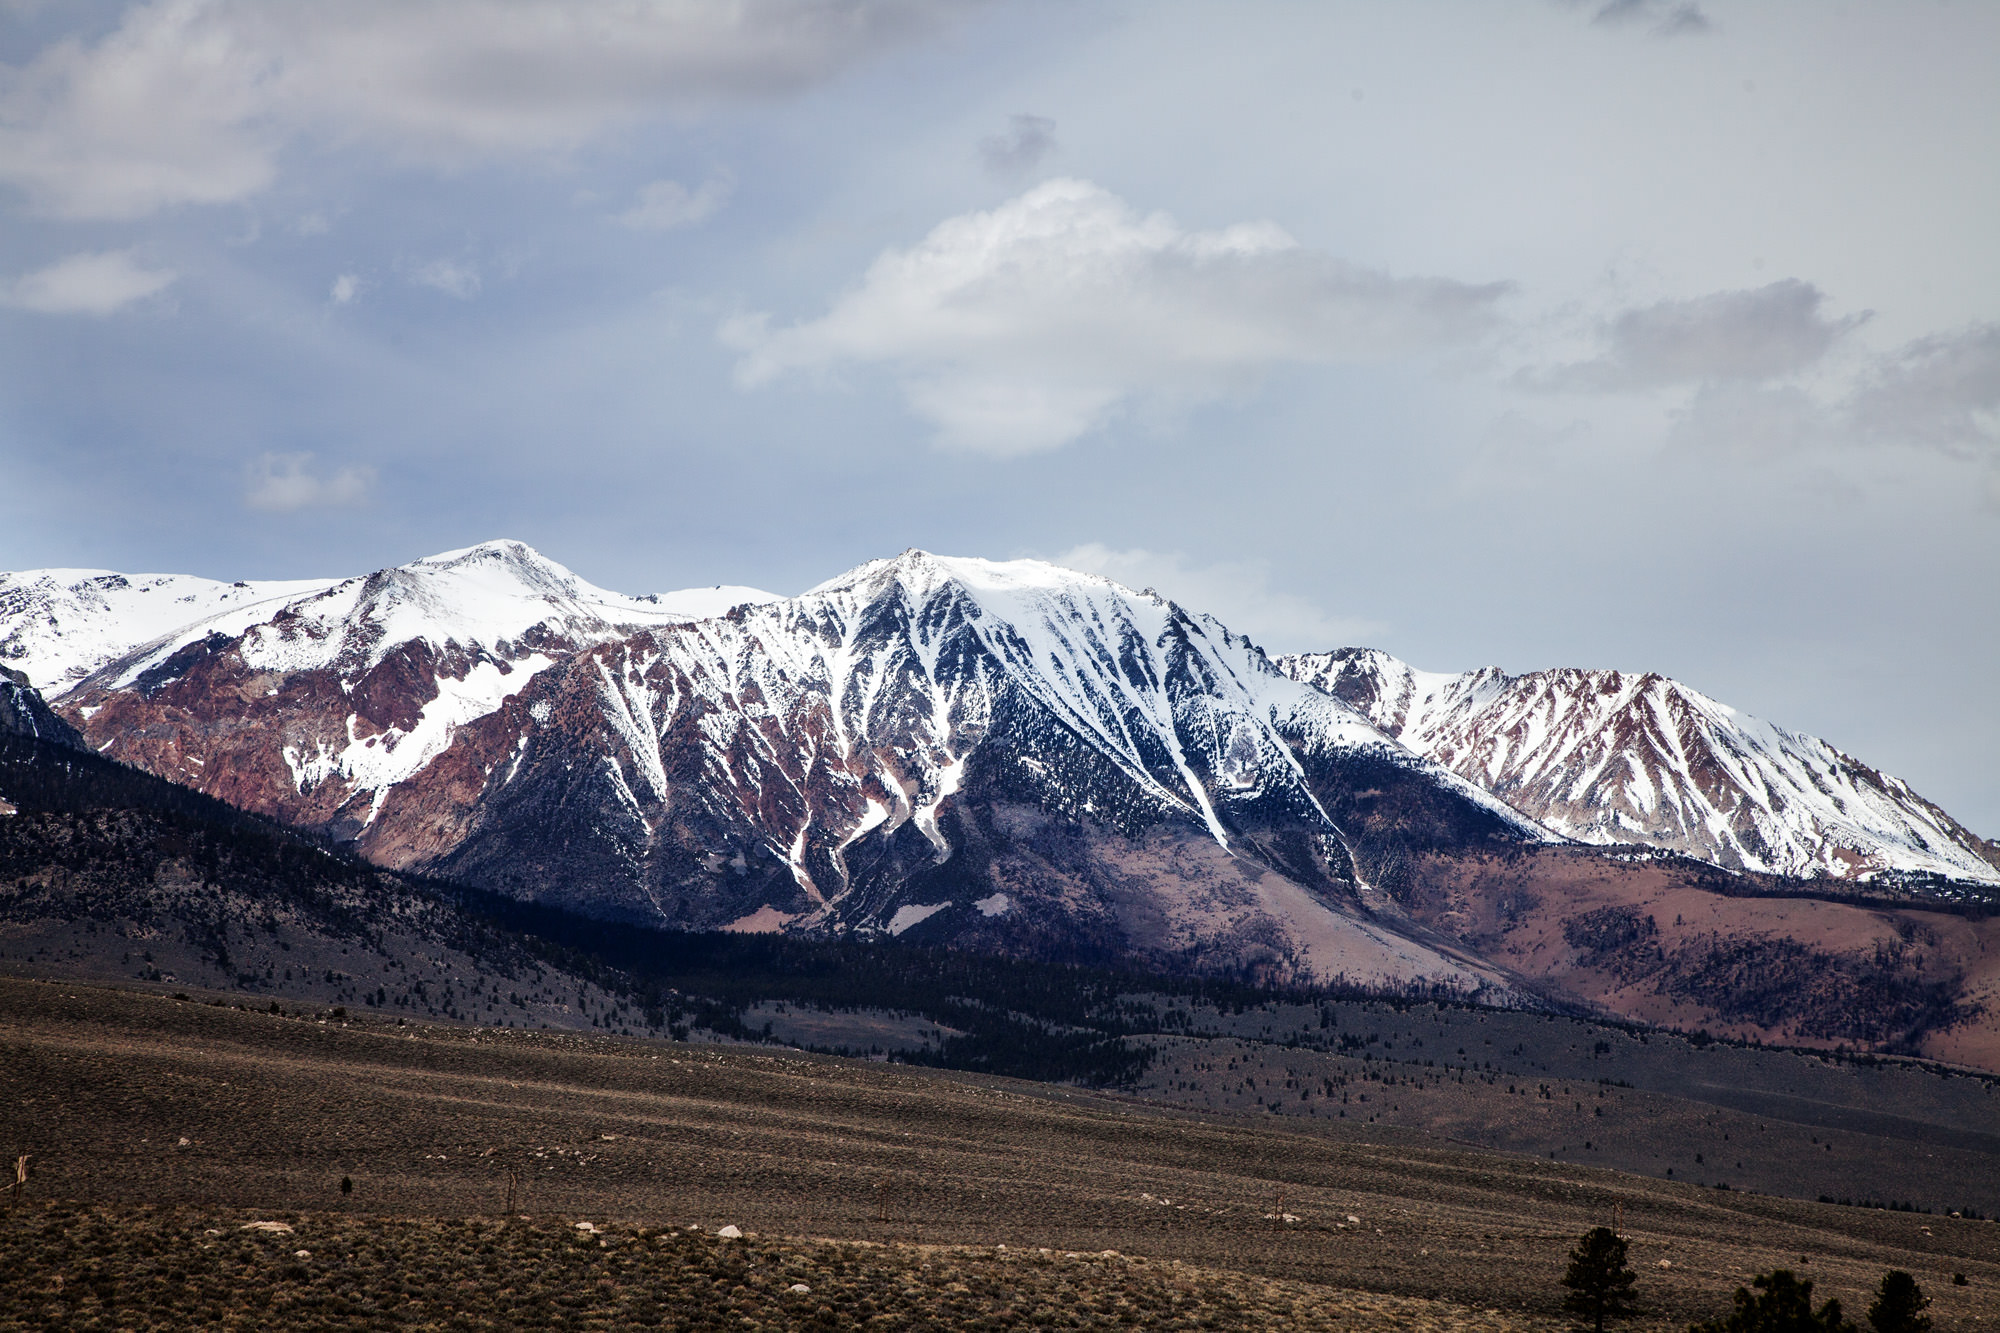 Sierra Nevada from Bishop